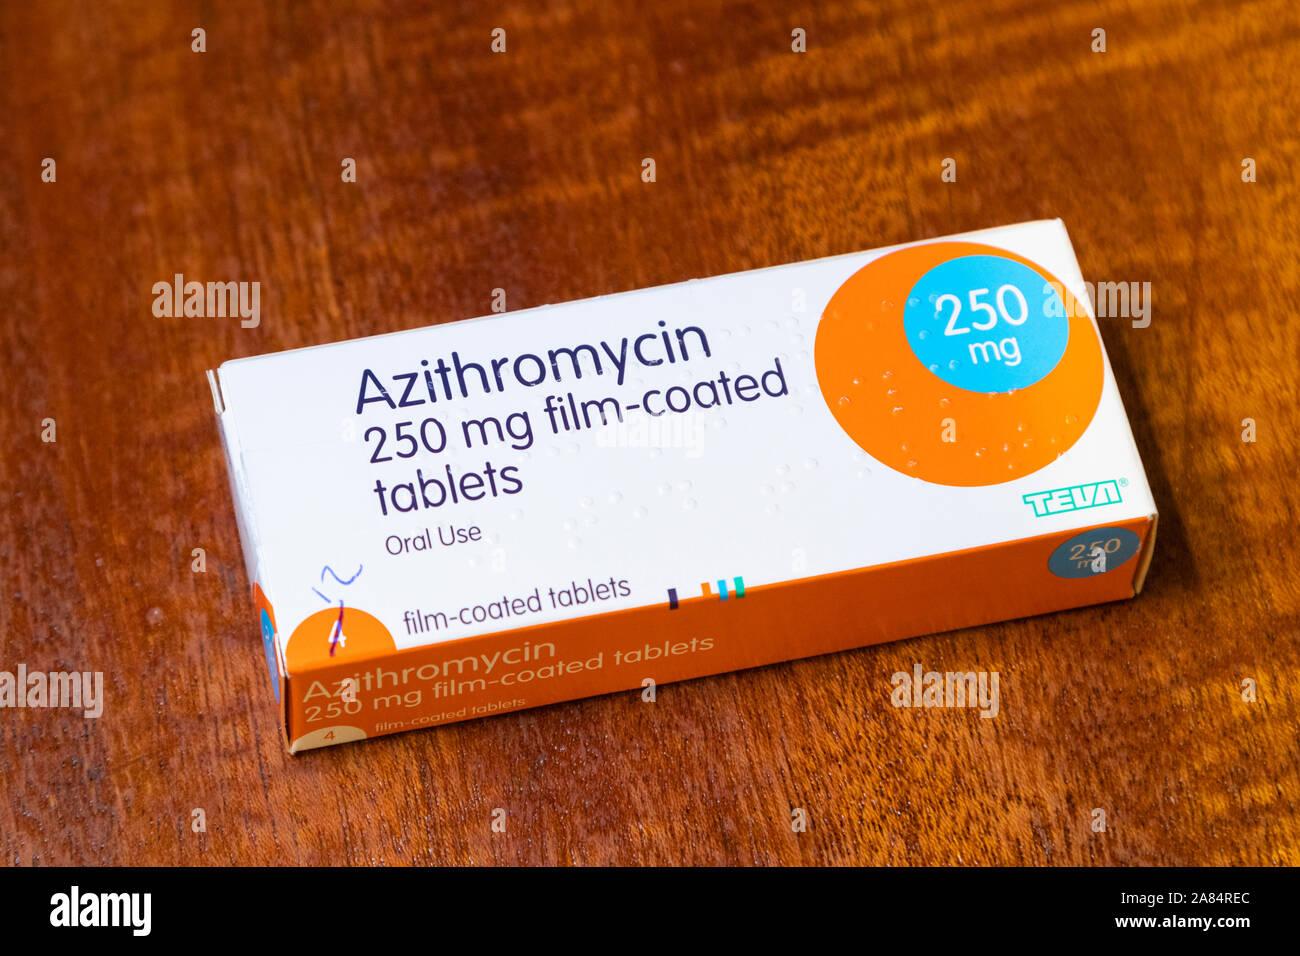 générique azithromycin 250mg drogues